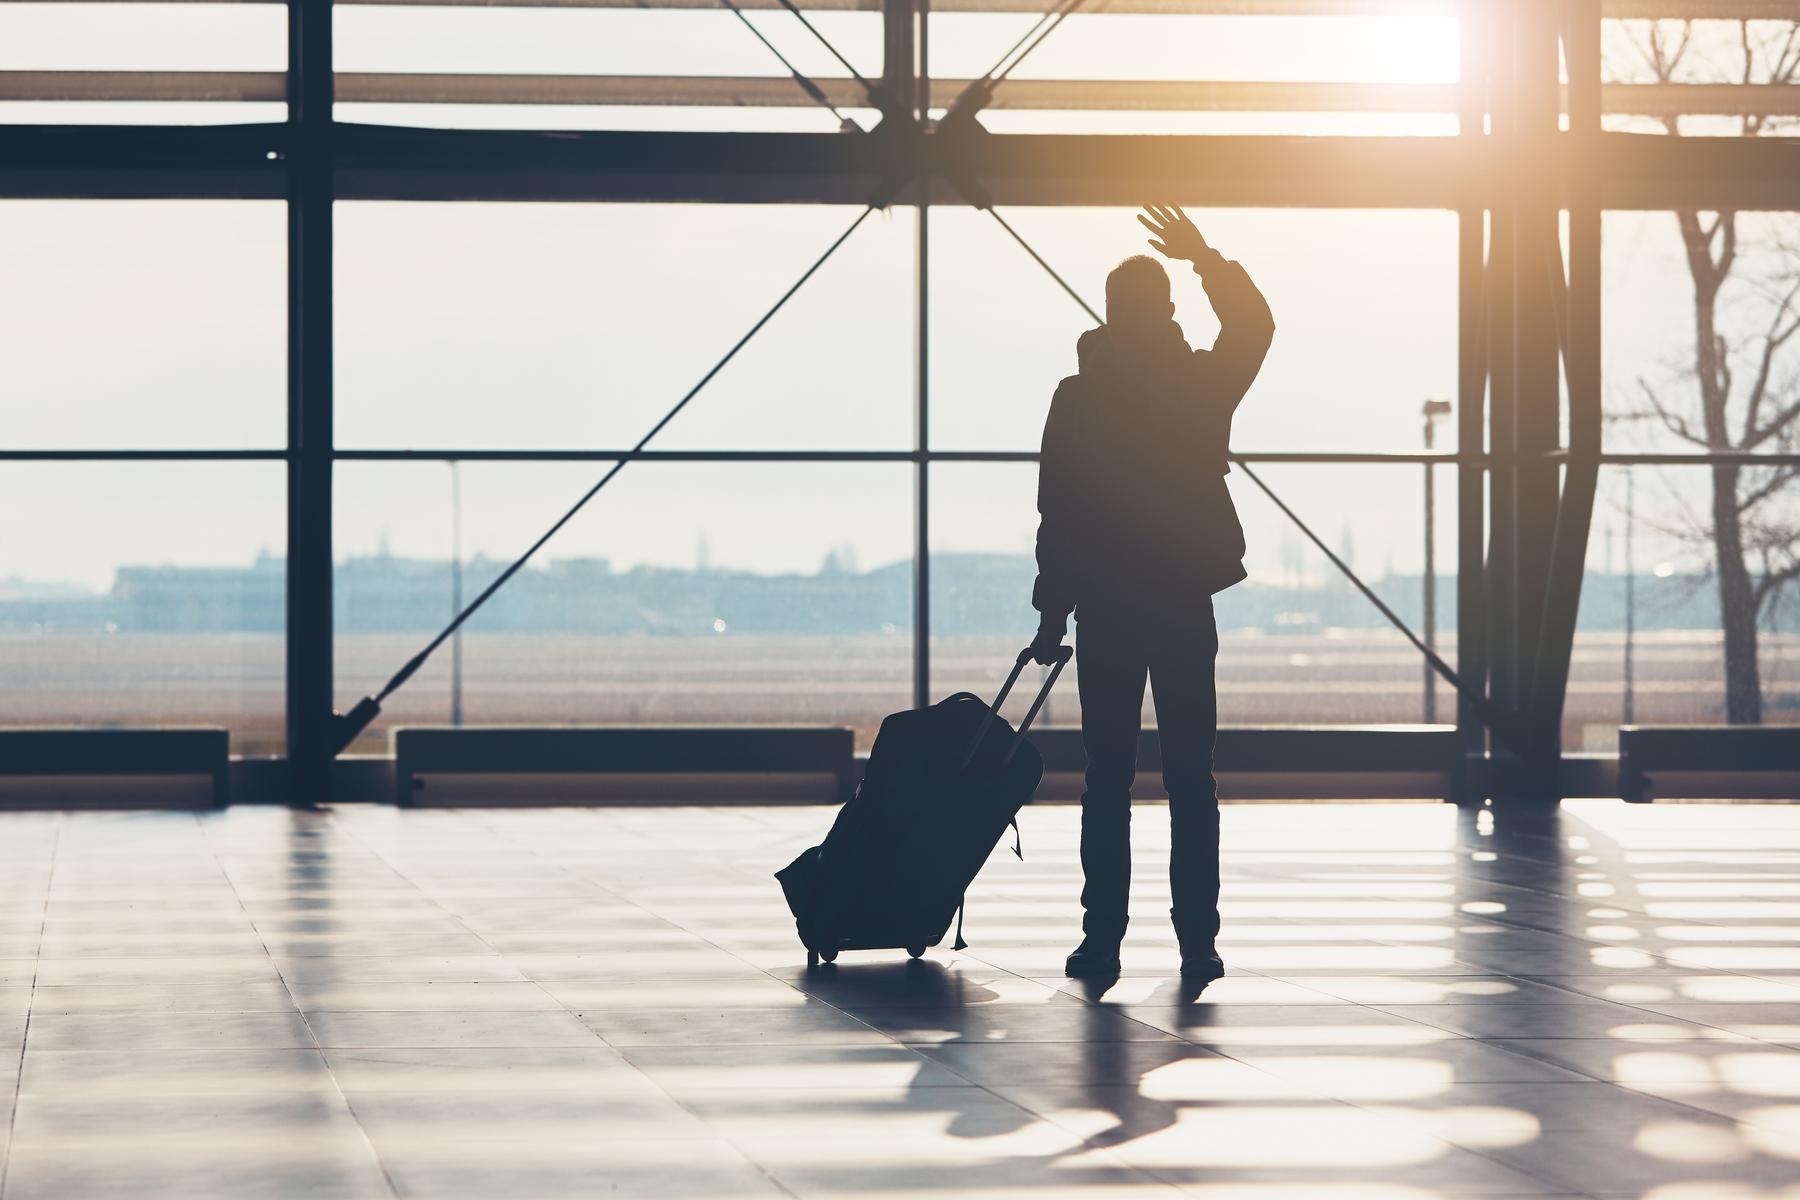 捷星航空手提行李限制